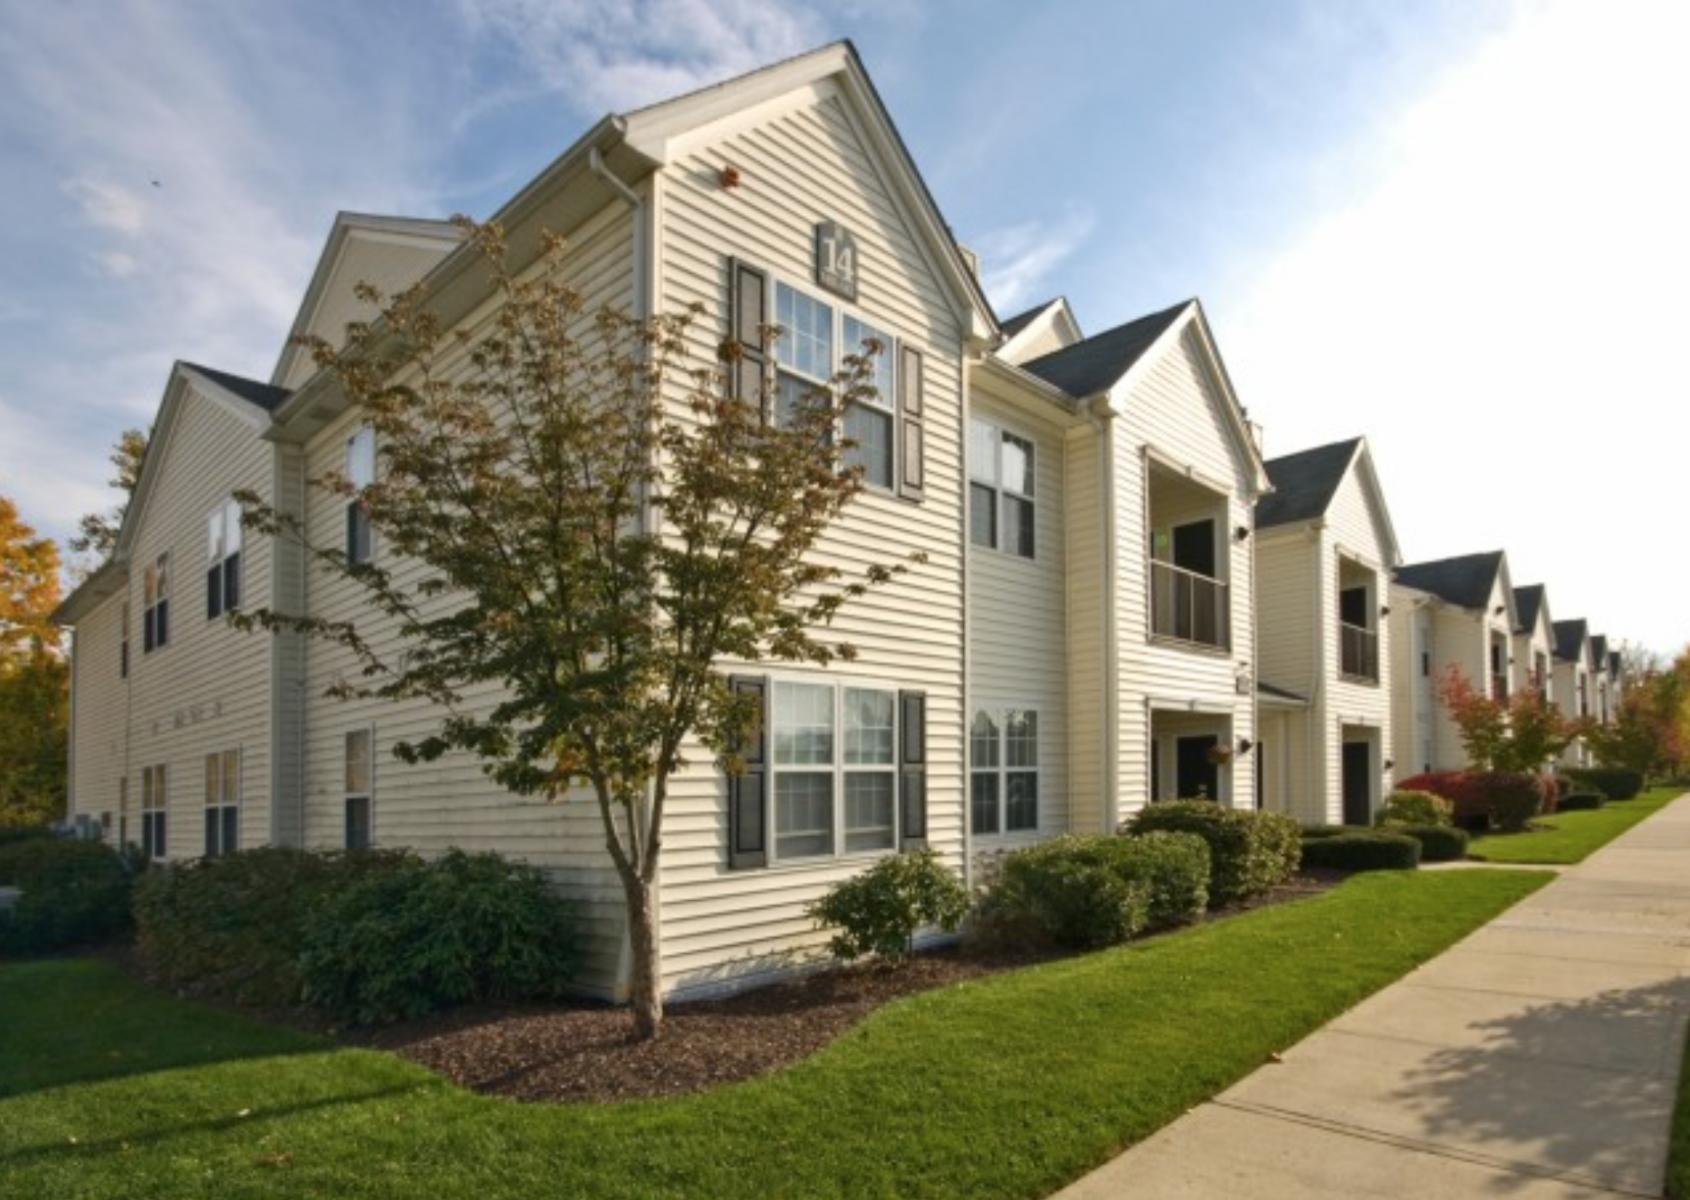 5 - Apartment Building